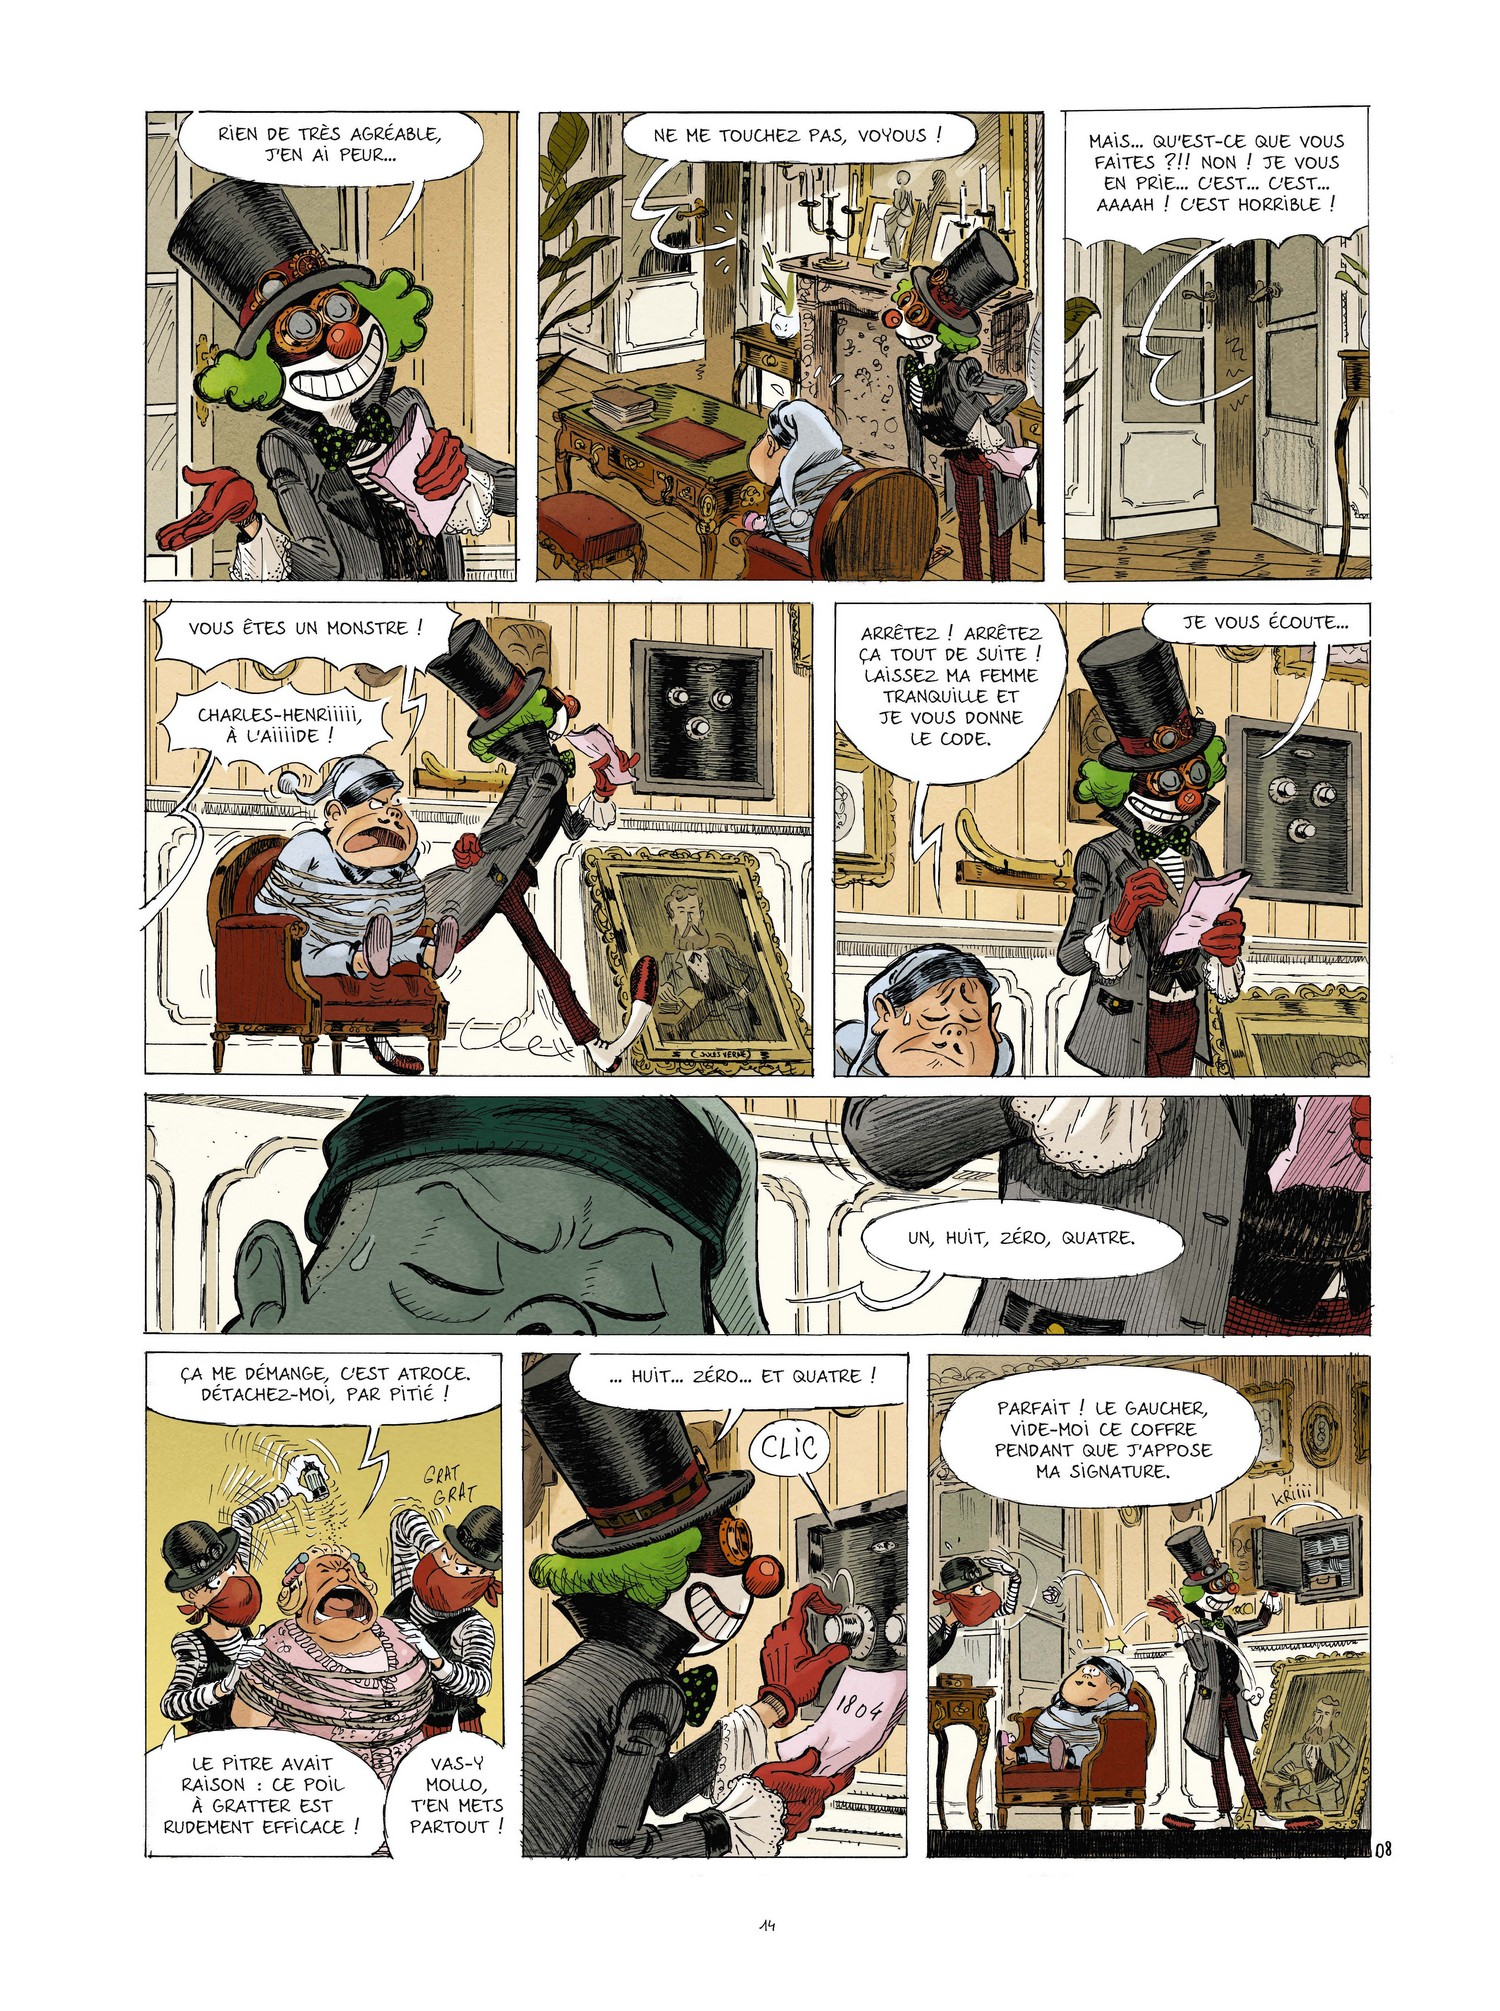 Spectaculaires (Une aventure des) #5 (Hautière, Poitevin, Bouchard)